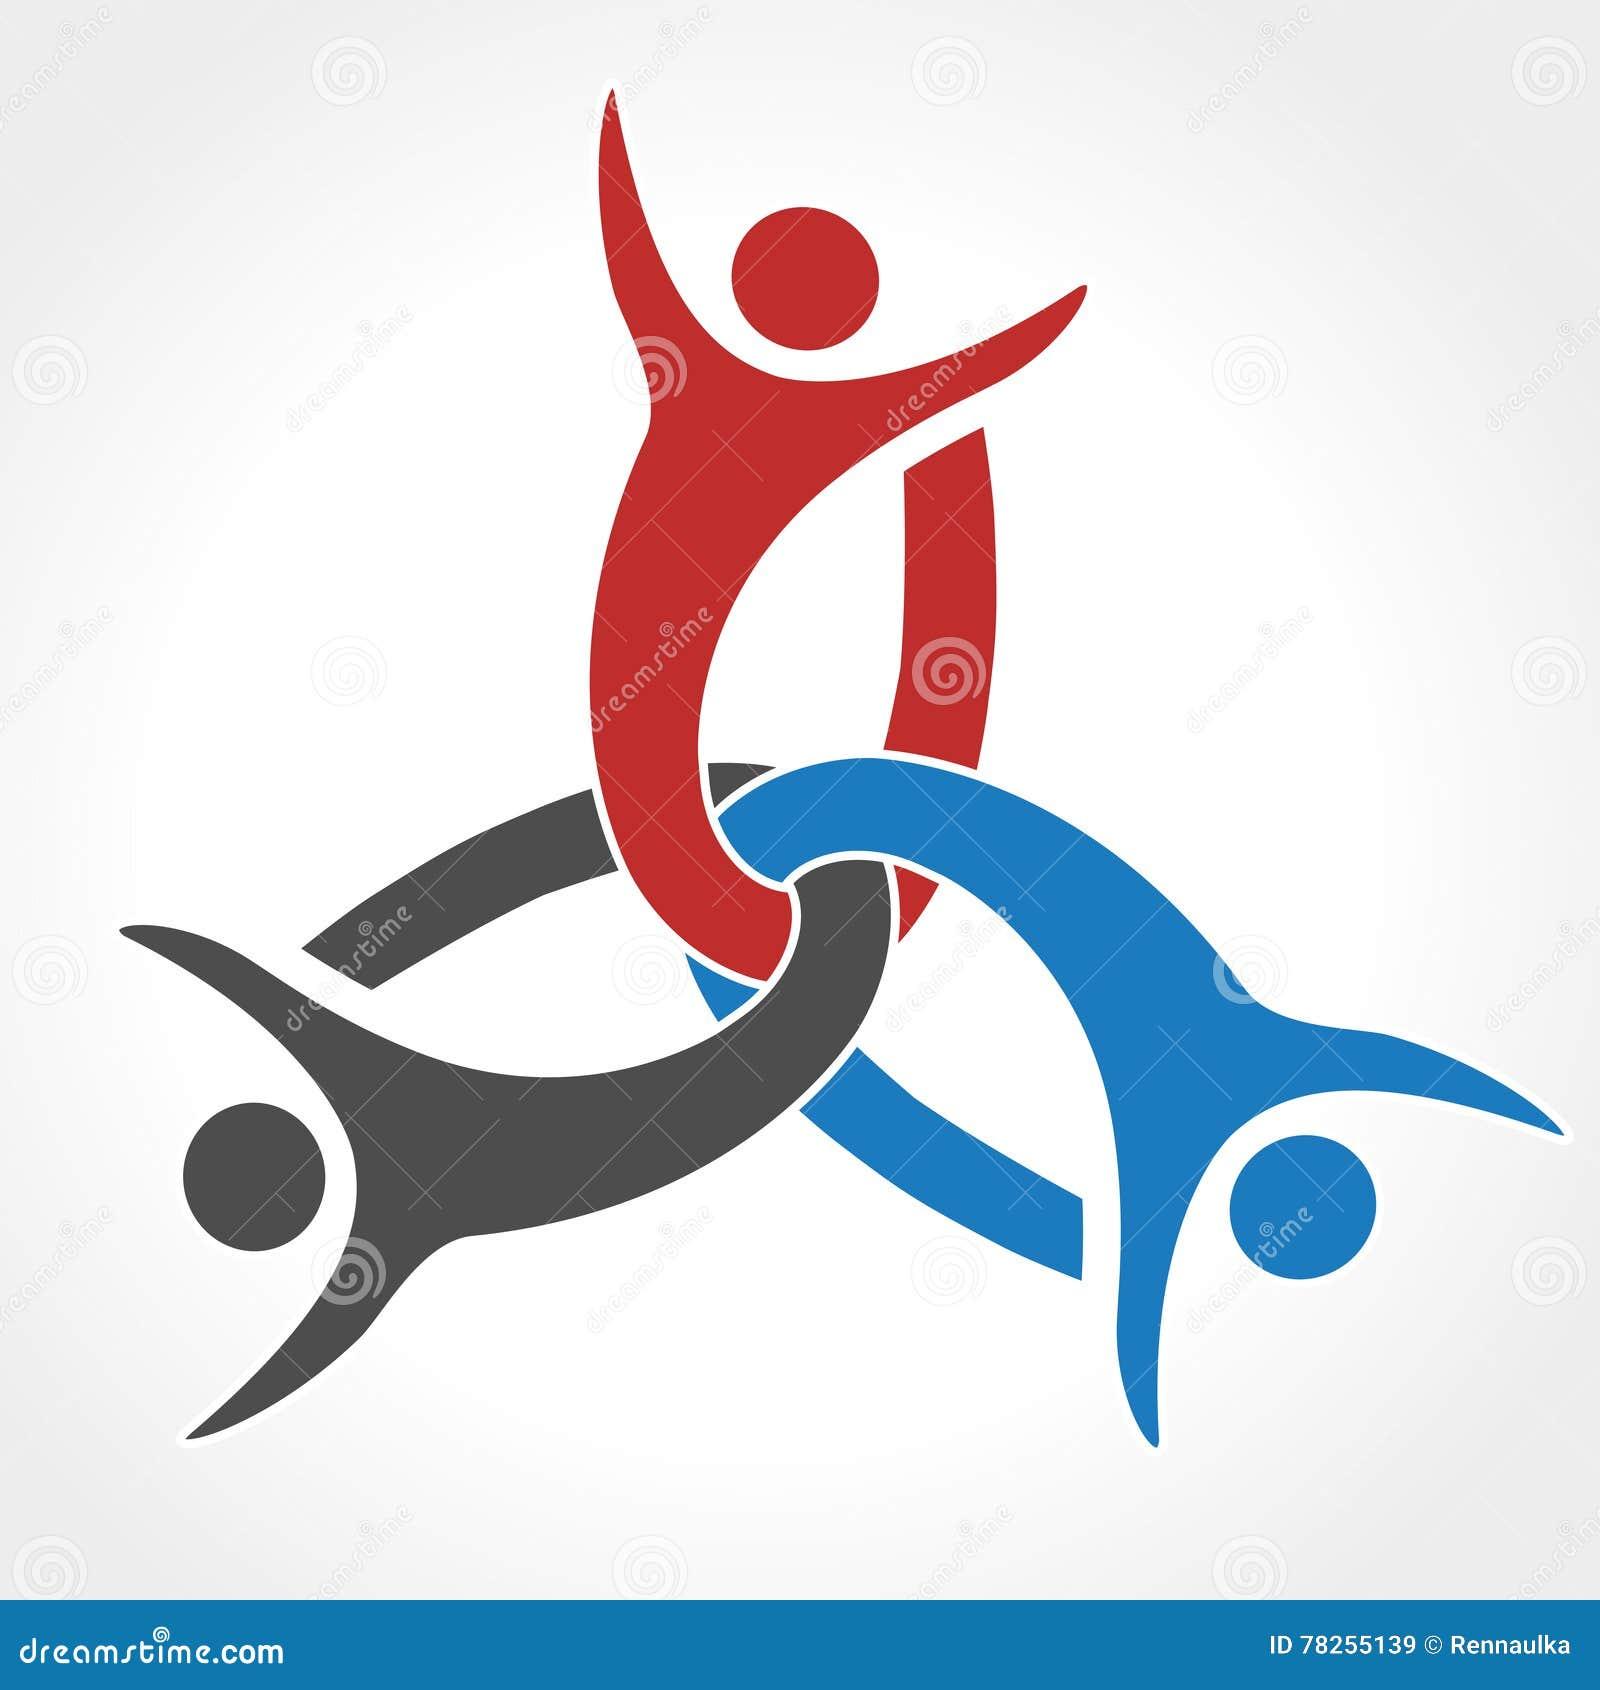 Μαζί ενωμένο εικονίδιο ανθρώπων Κόκκινο, μπλε και γκρίζο κοινοτικό σύμβολο Ανθρώπινο σημάδι δύο συνεργατών Silhouttes του σώματος